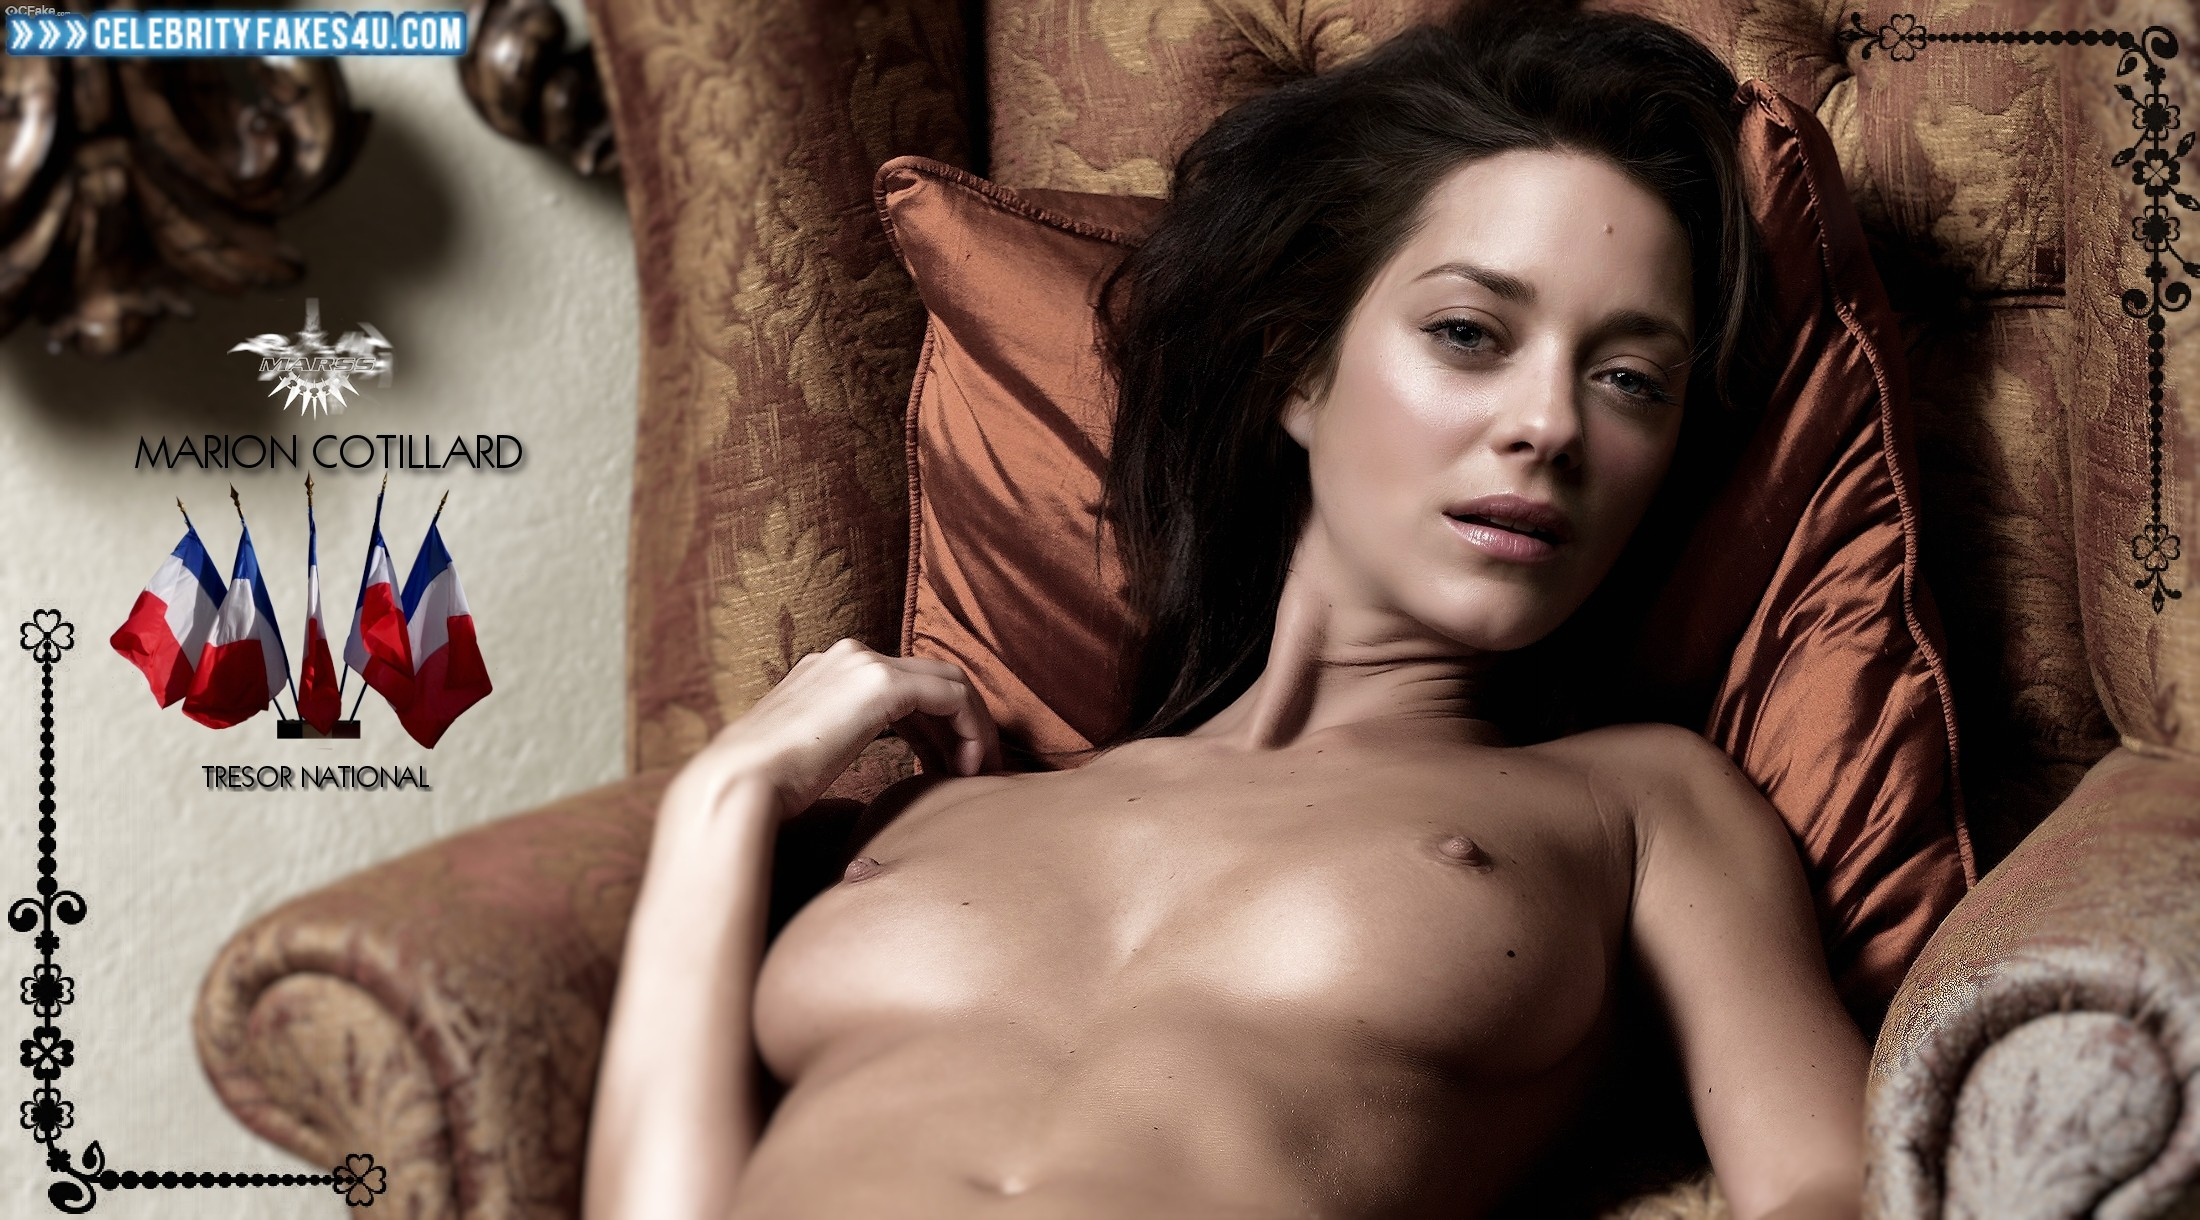 Нагая порноактриса Марион Котийяр смотреть онлайн 3 фото